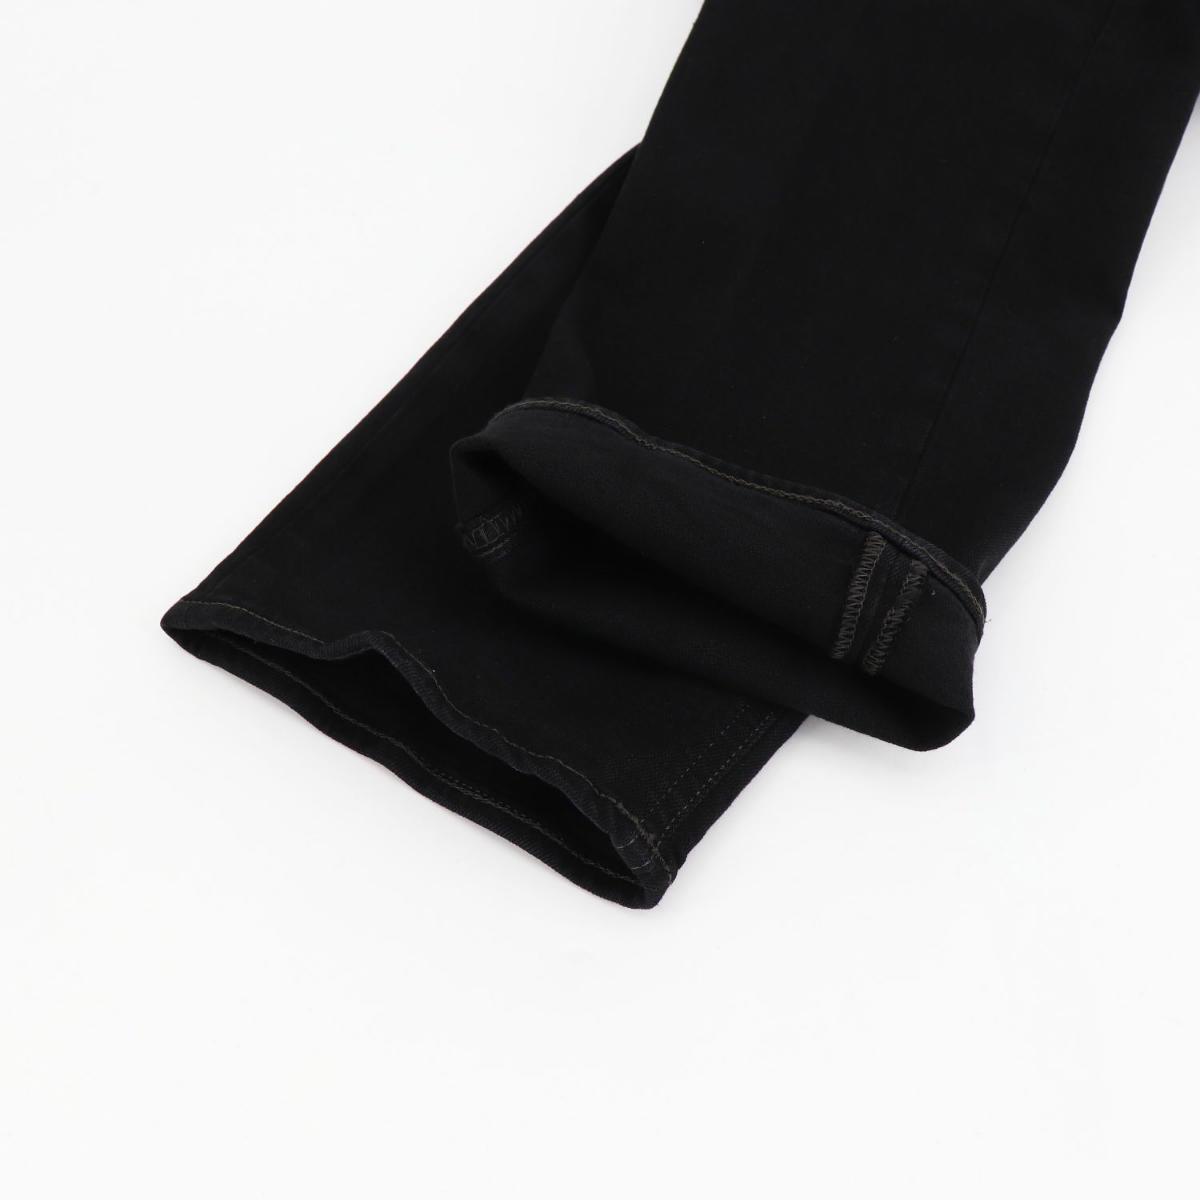 アントレアミ ENTRE AMIS メンズ ストレッチ テーパード ブラックデニム A21-8177-344L685 2021(ブラック)秋冬新作